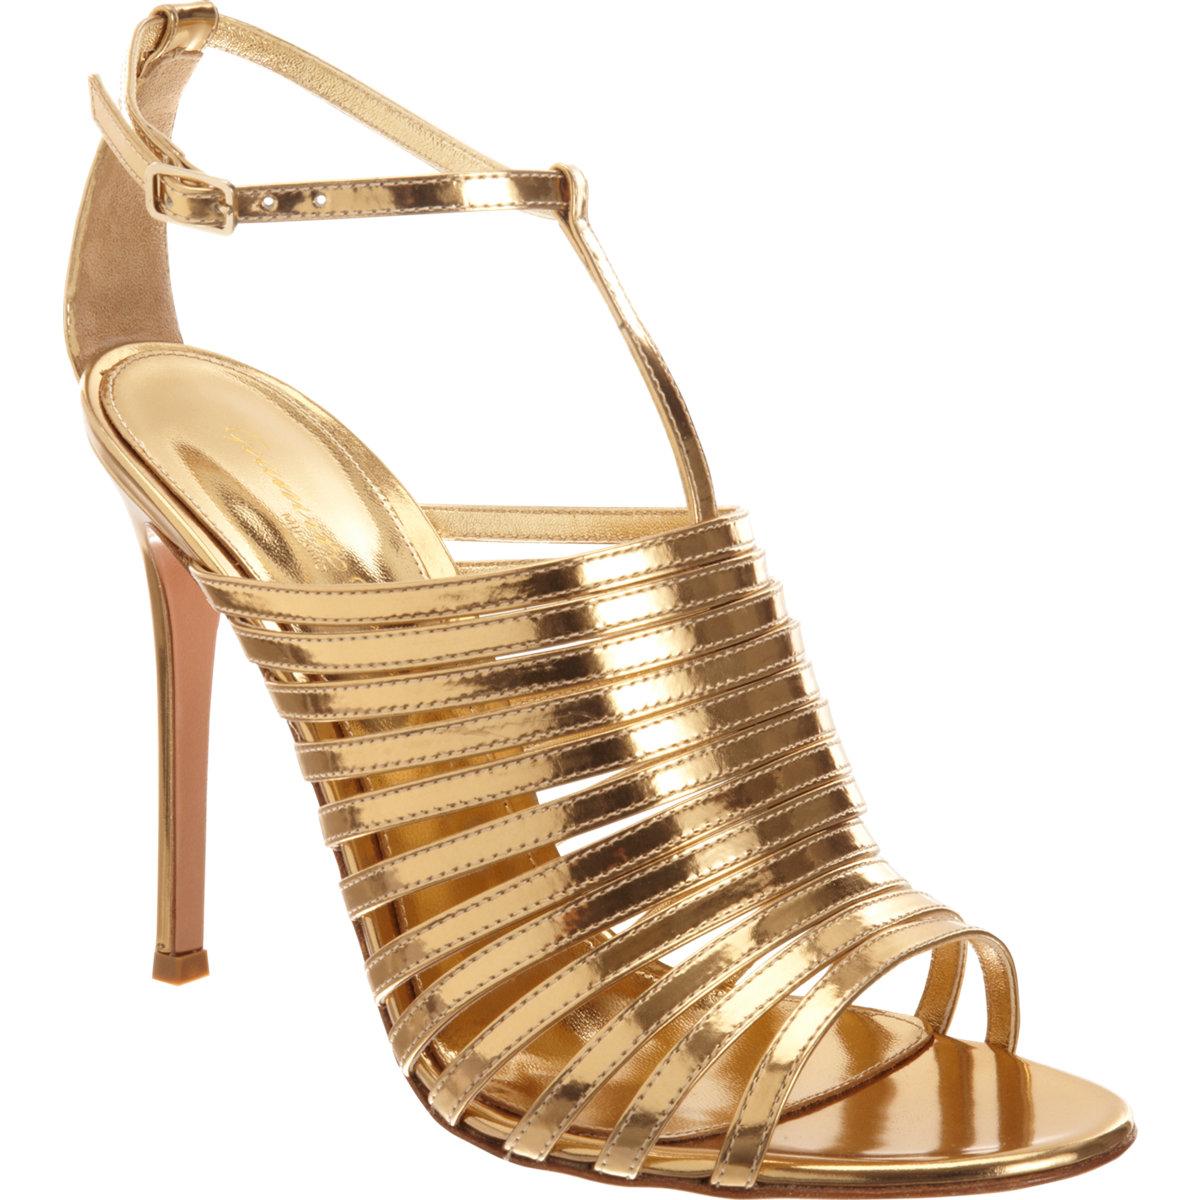 GIANVITO ROSSI Multi-Brand T-Strap Sandal buy HERE